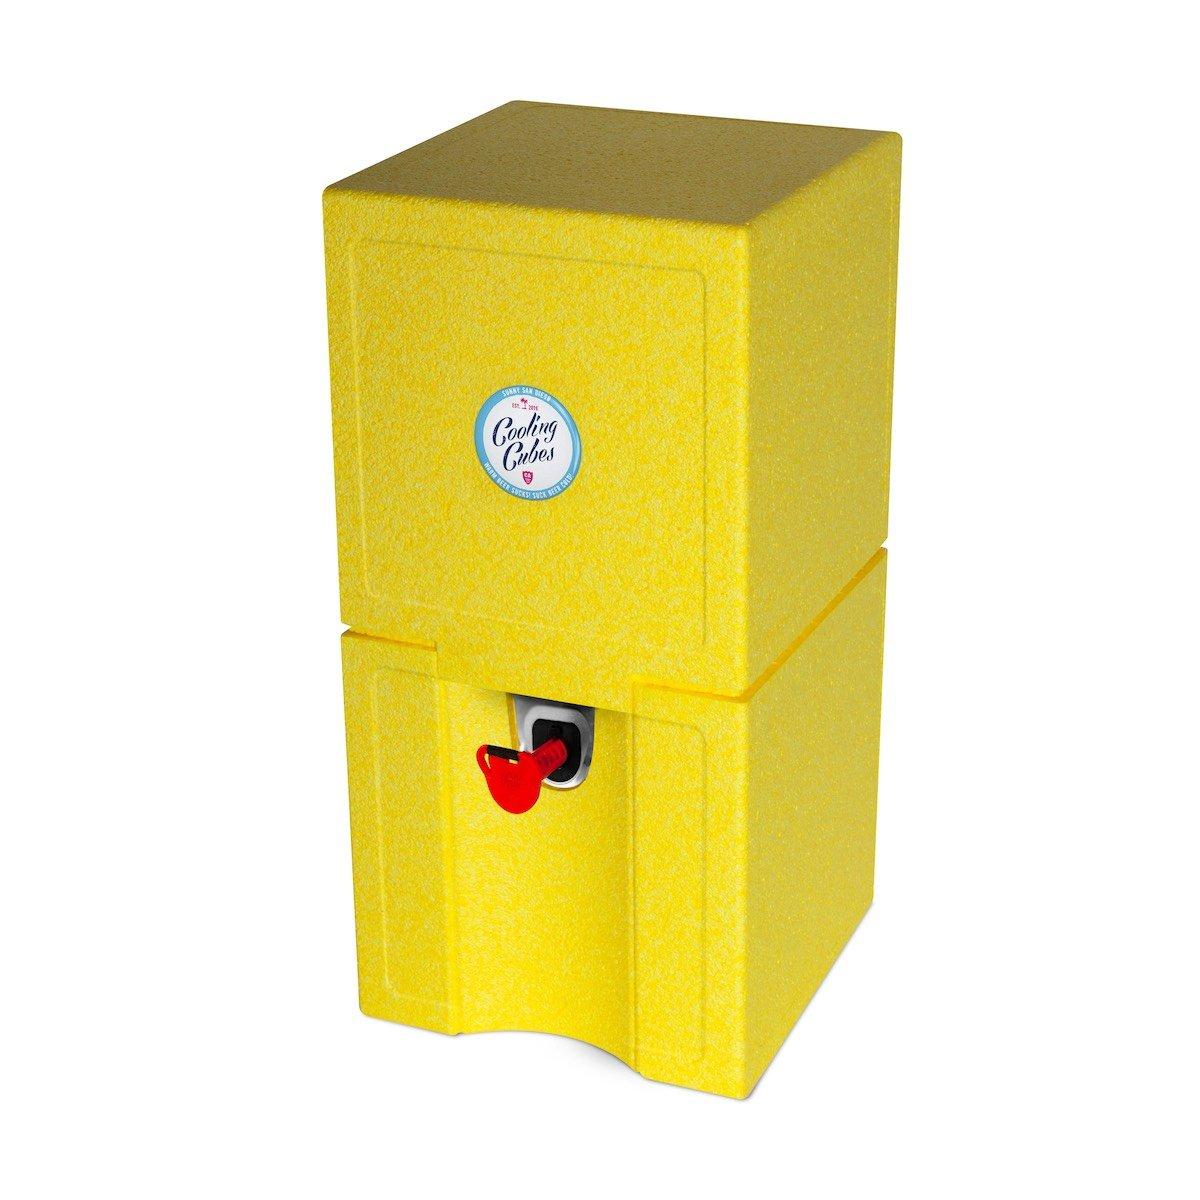 Cooling Cubes Spot - Beachparty und Sundowner Kühlkiste für 5 Liter Bierfass Partyfass Bierkühler Bierfasskühler (Gelb)